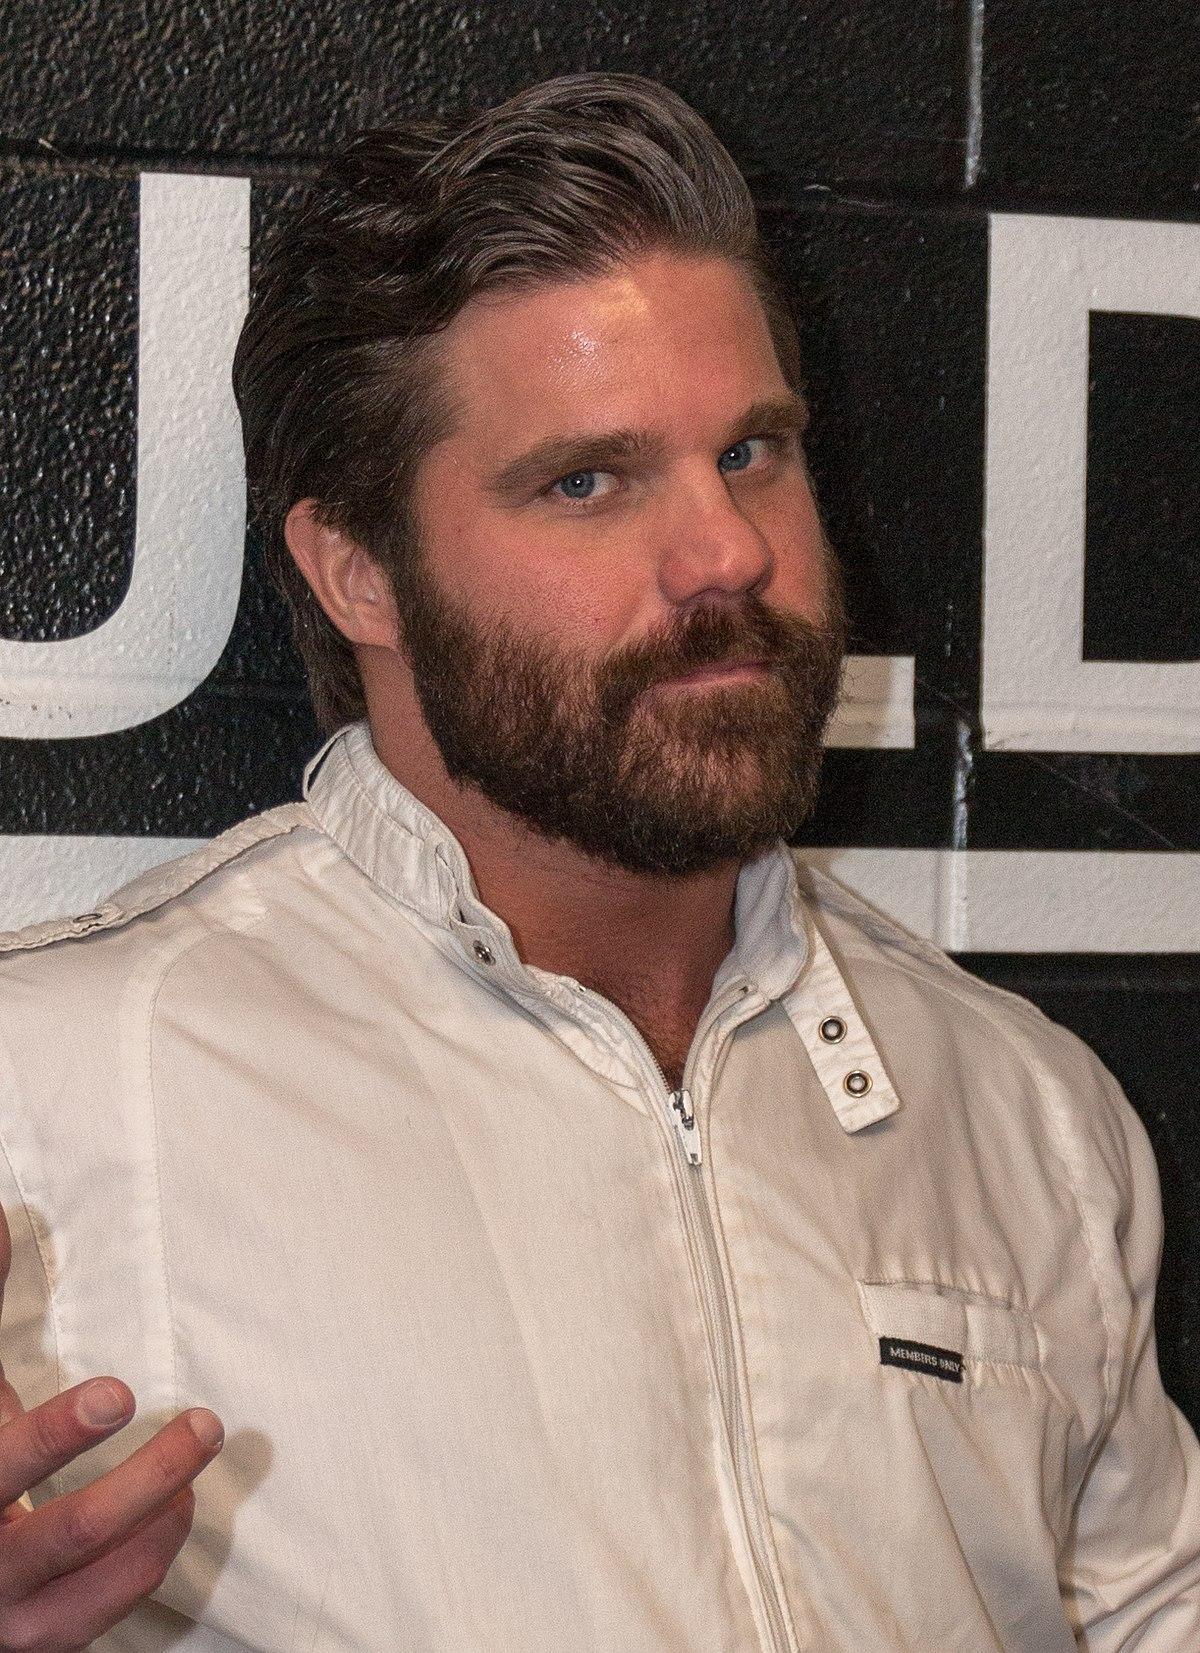 Andy Krugger